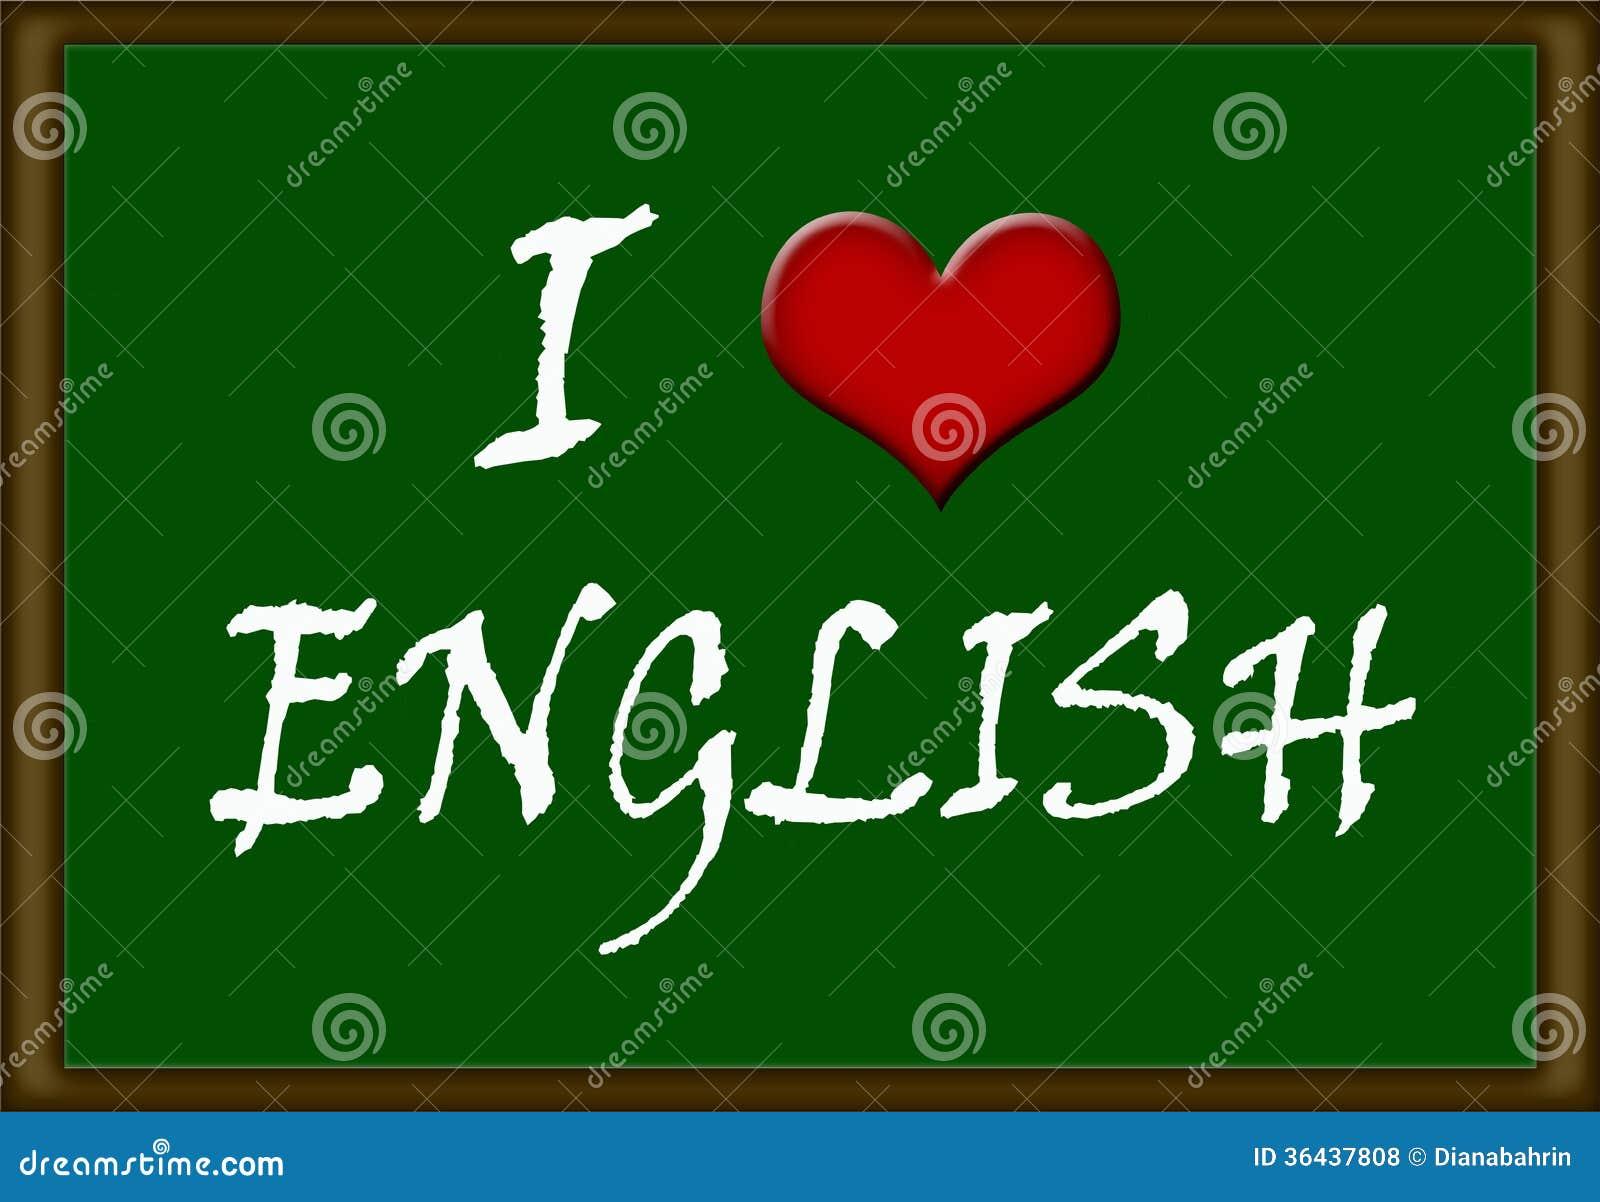 Ich liebe Englisch stock abbildung. Illustration von